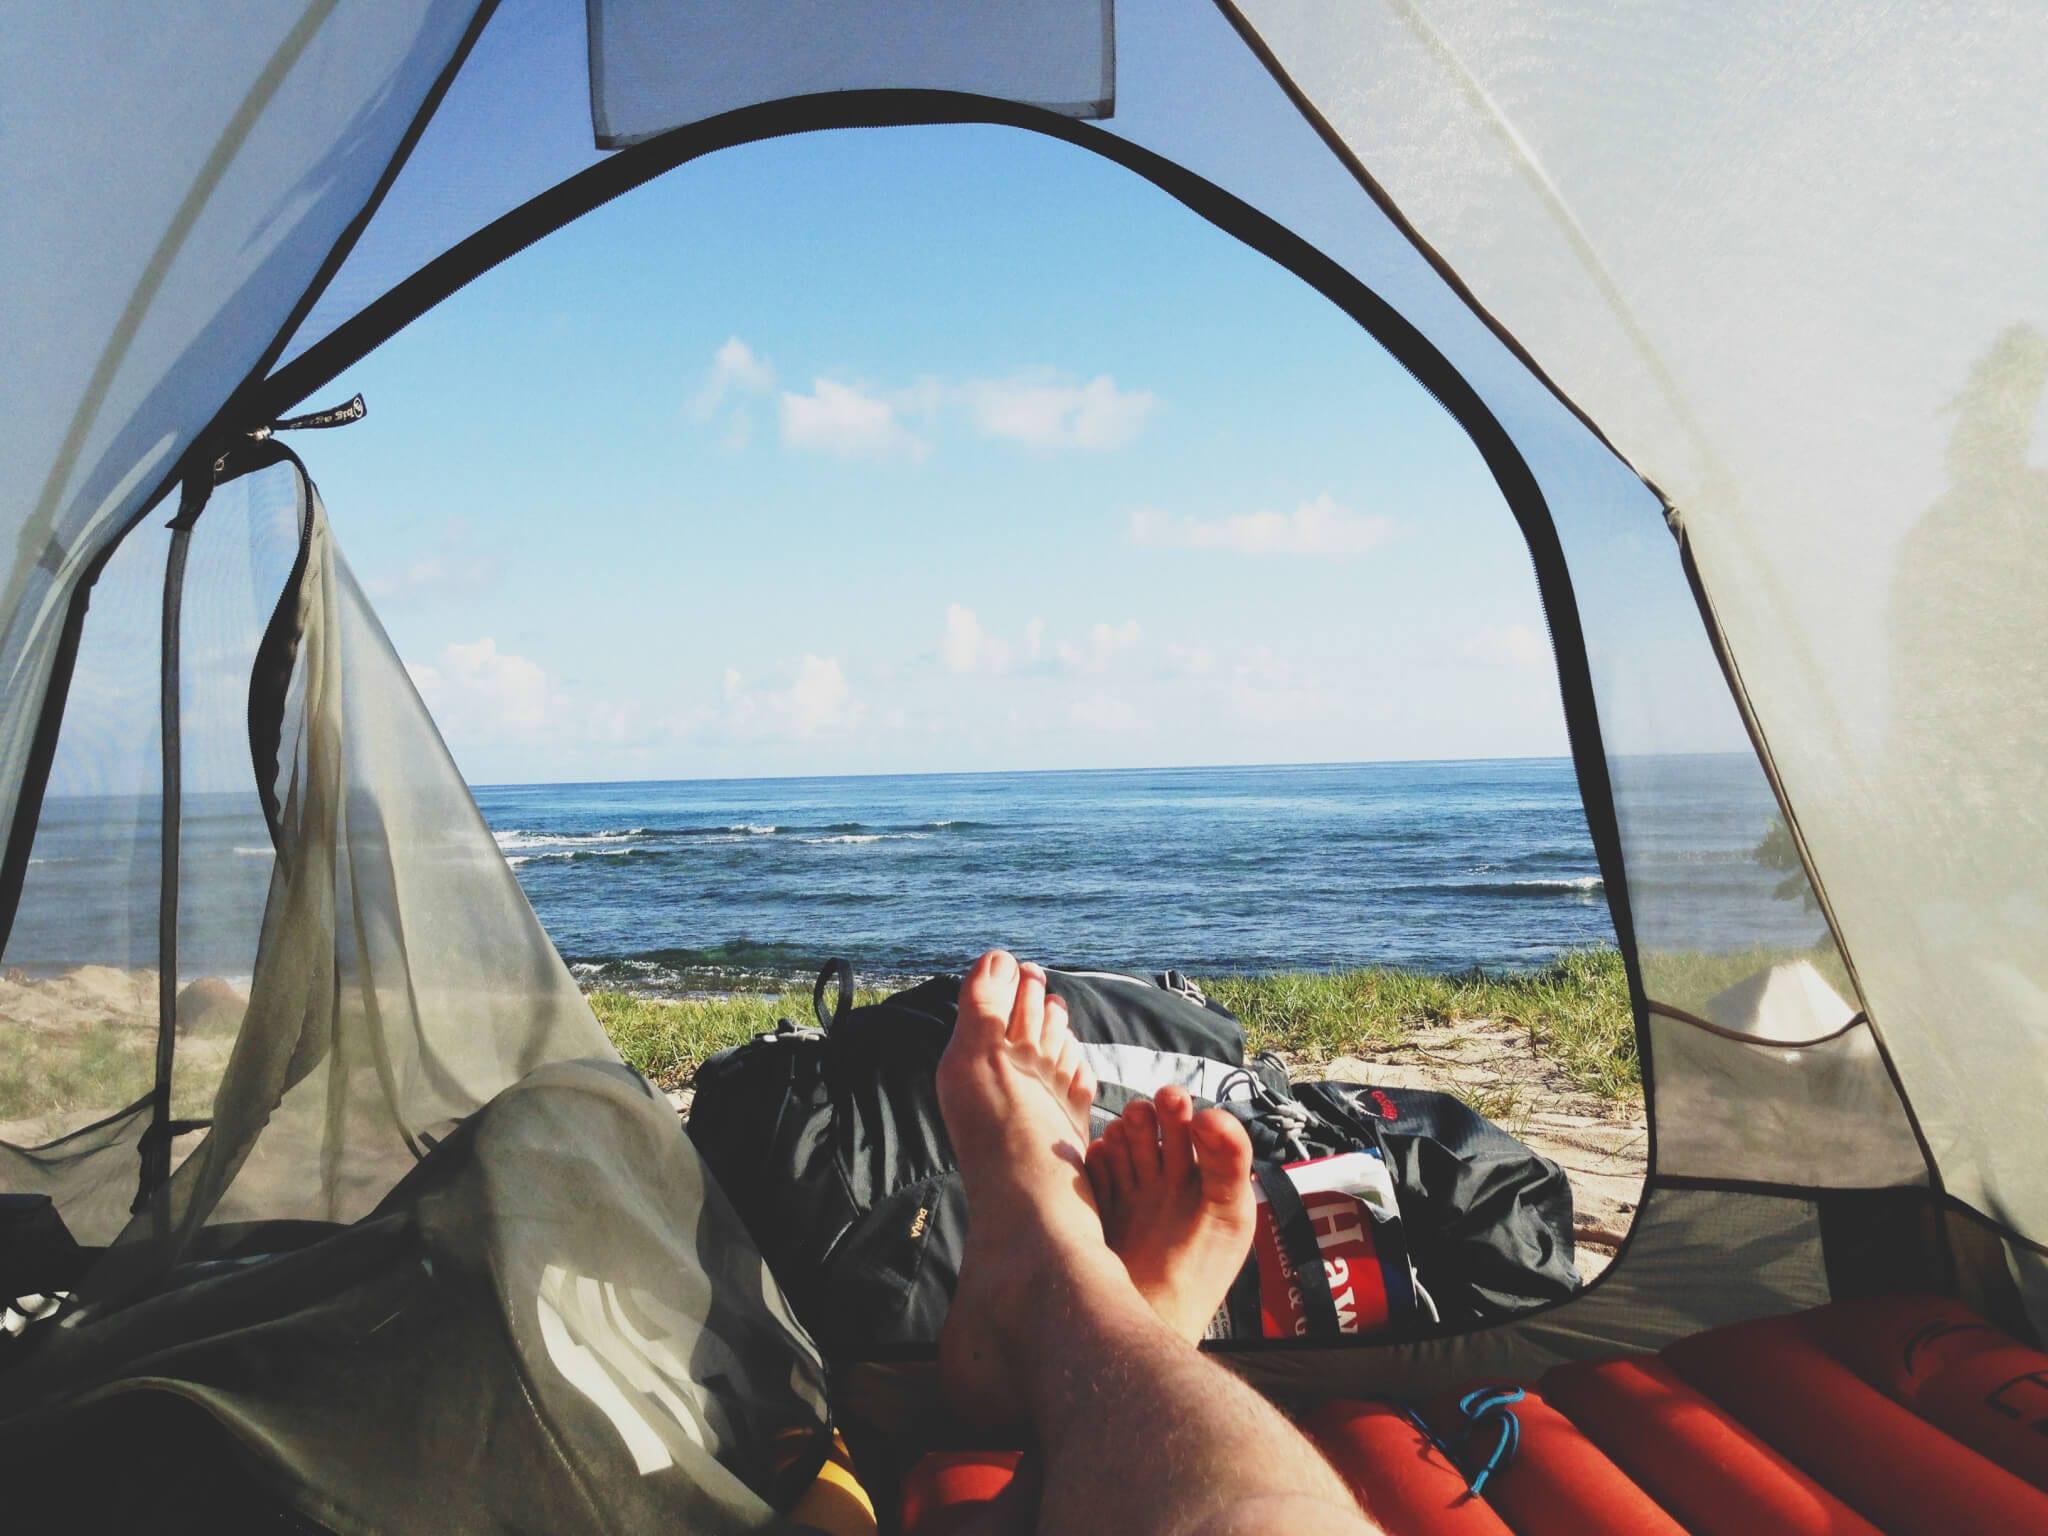 Udany wypad na camping w 4 prostych krokach